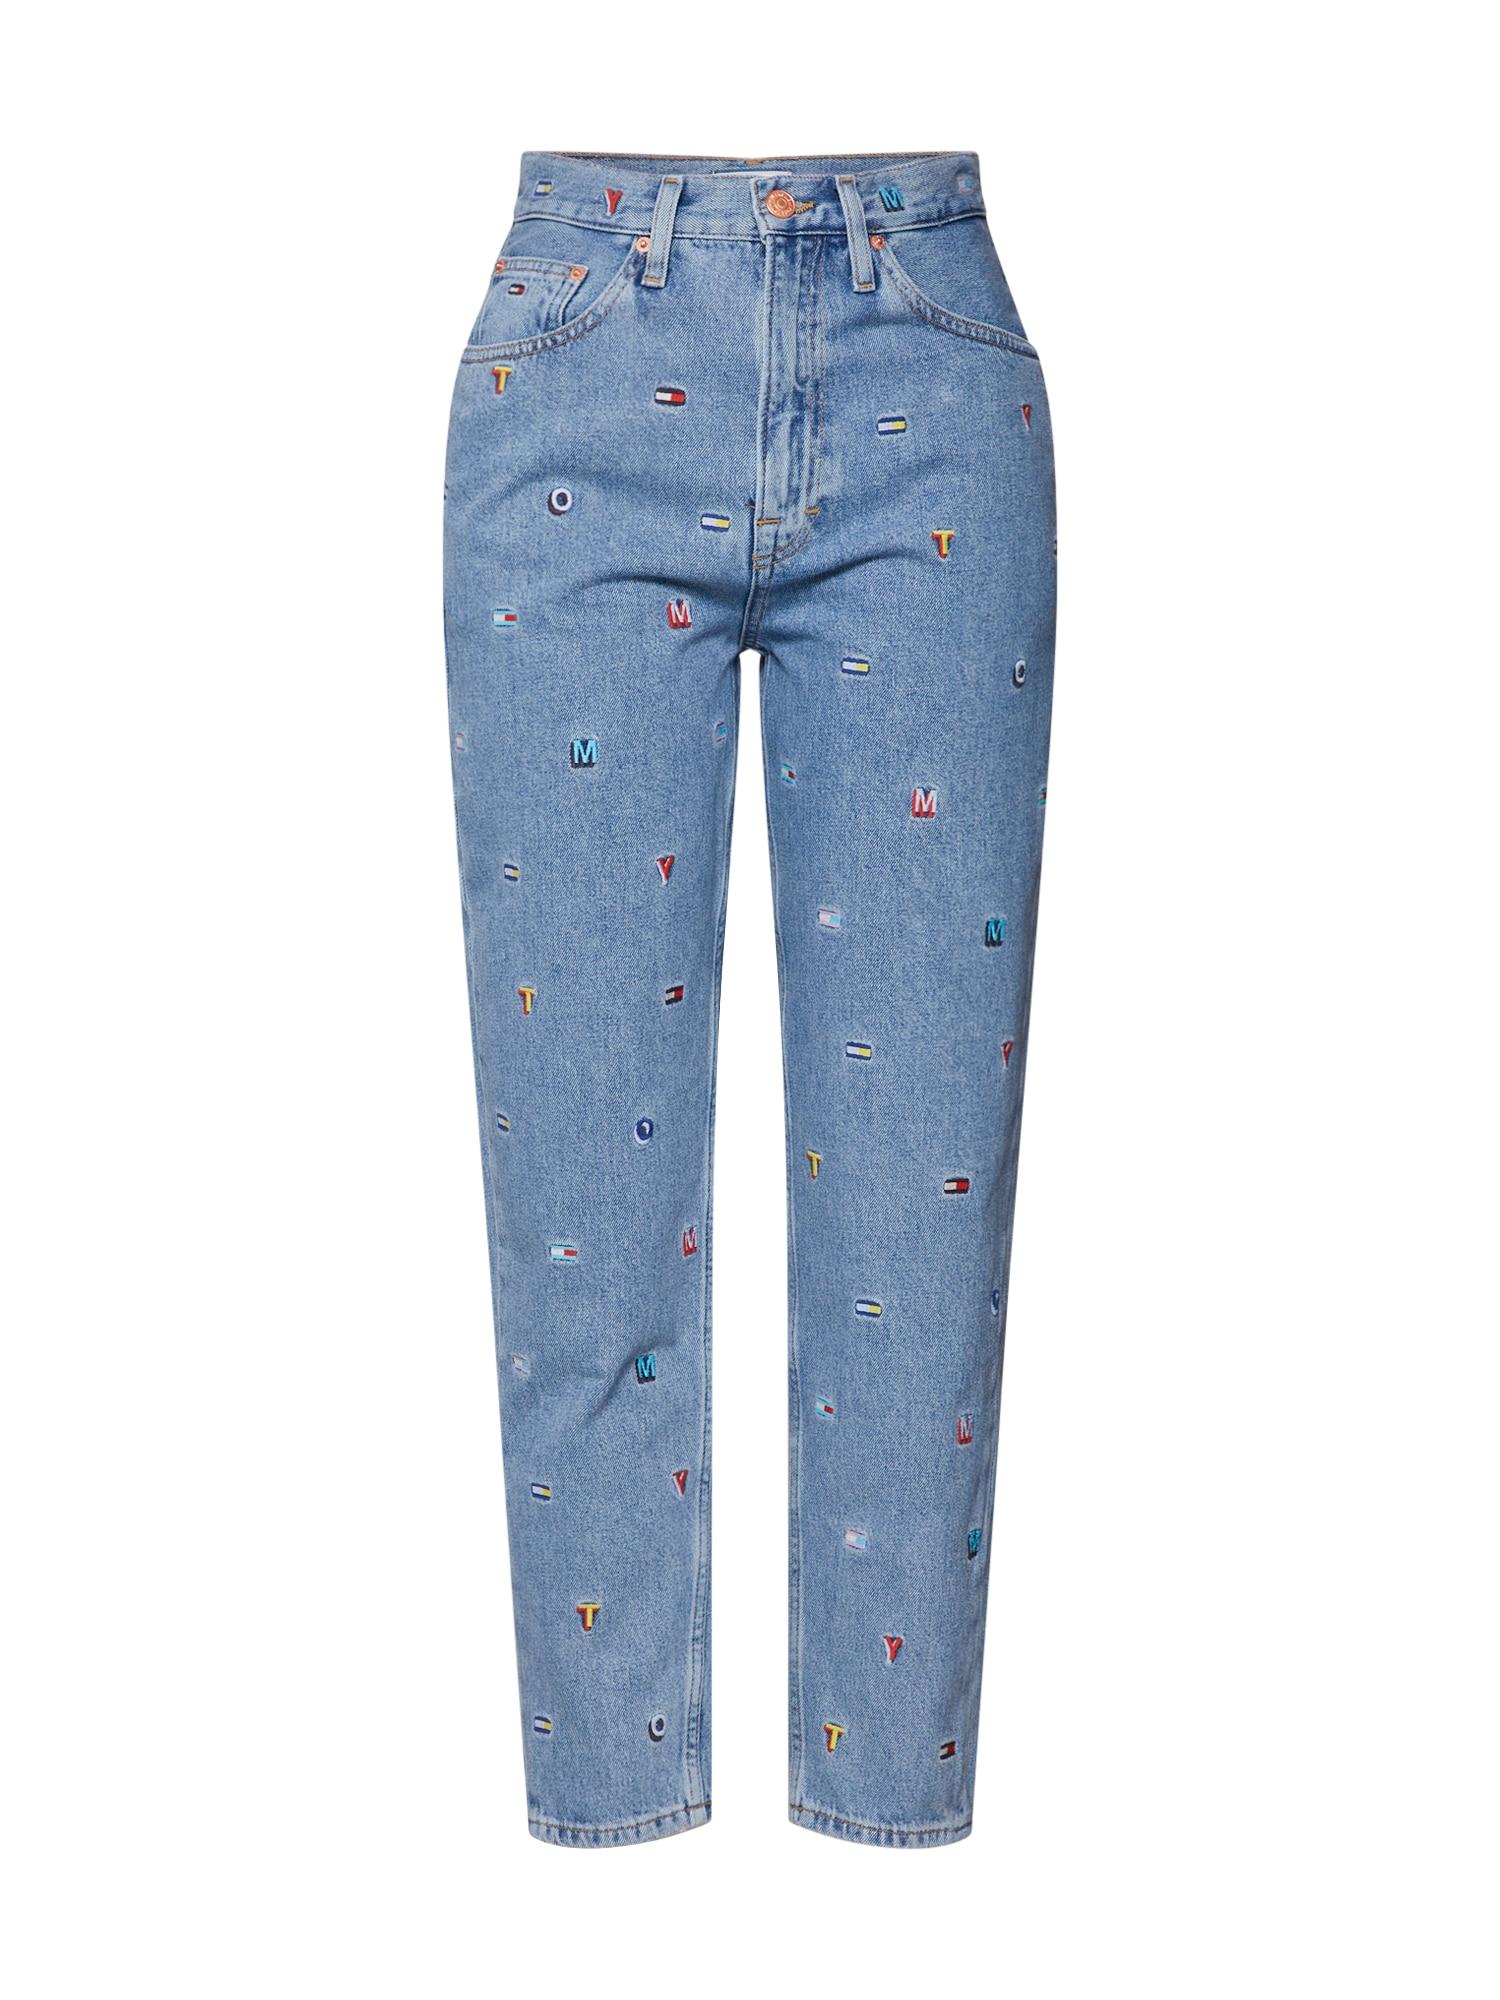 Džíny HIGH RISE TAPERED TJ 2004 GRTLB modrá džínovina Tommy Jeans